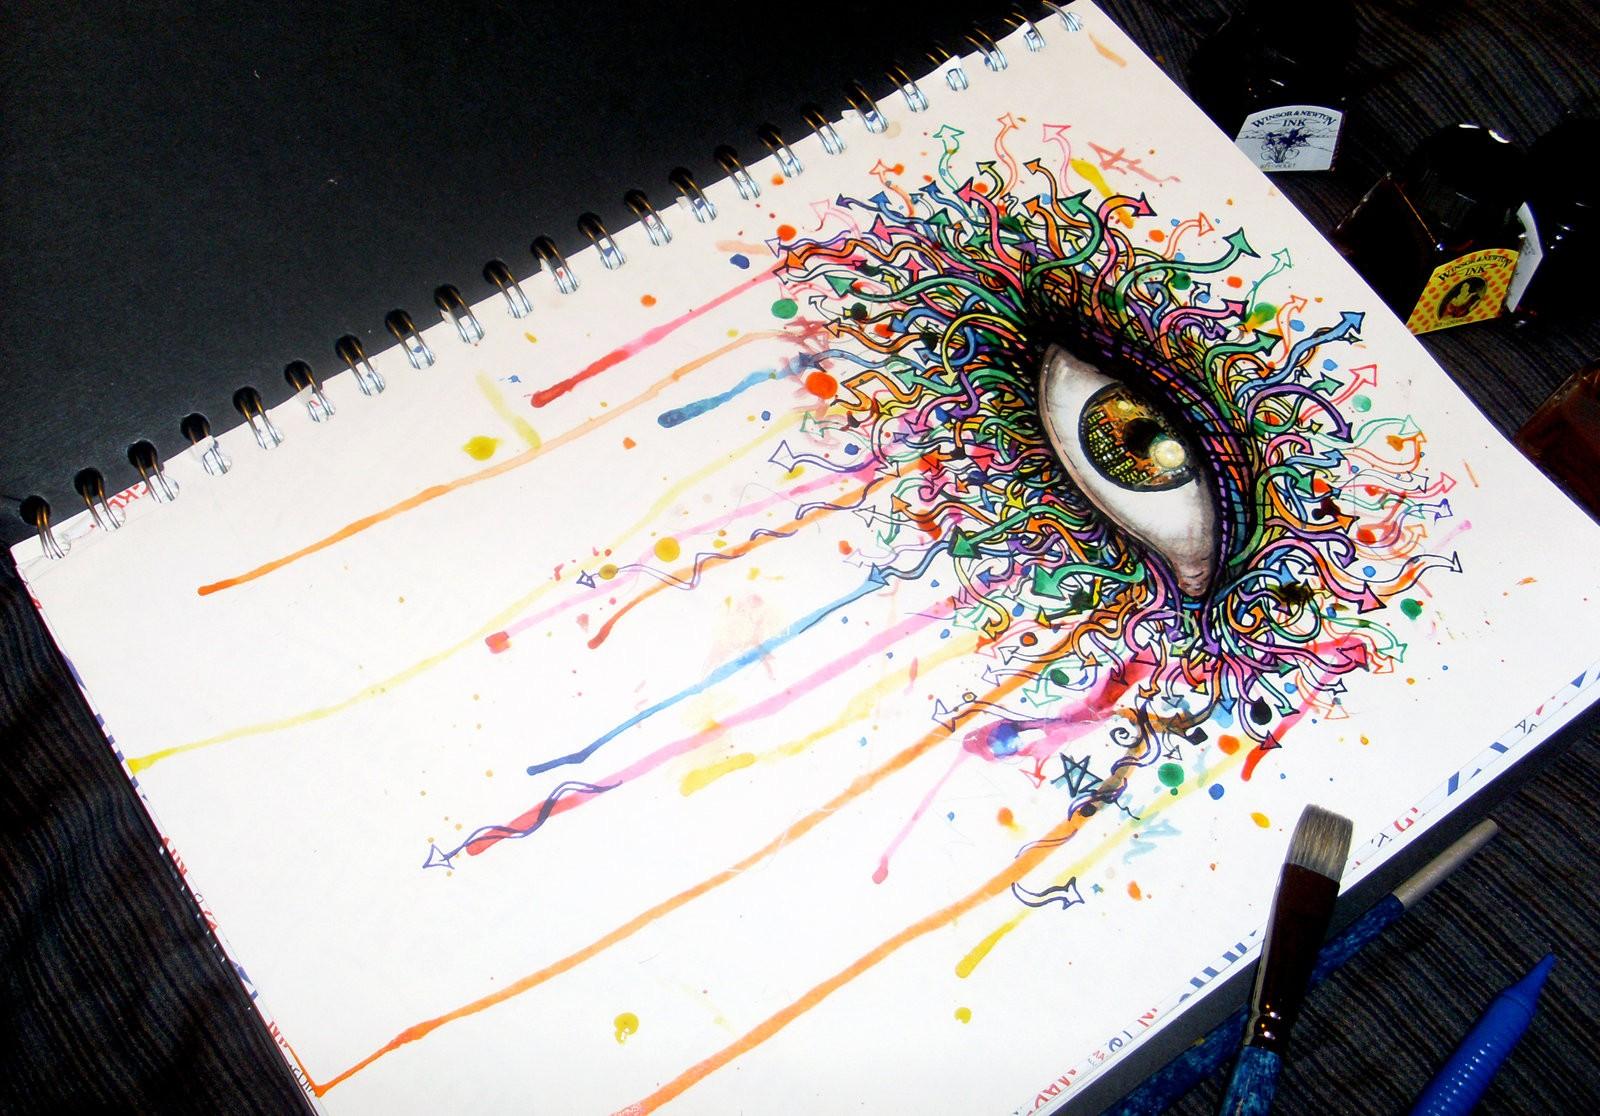 Картинки которые можно рисовать фломастерами, глаза смешные картинки